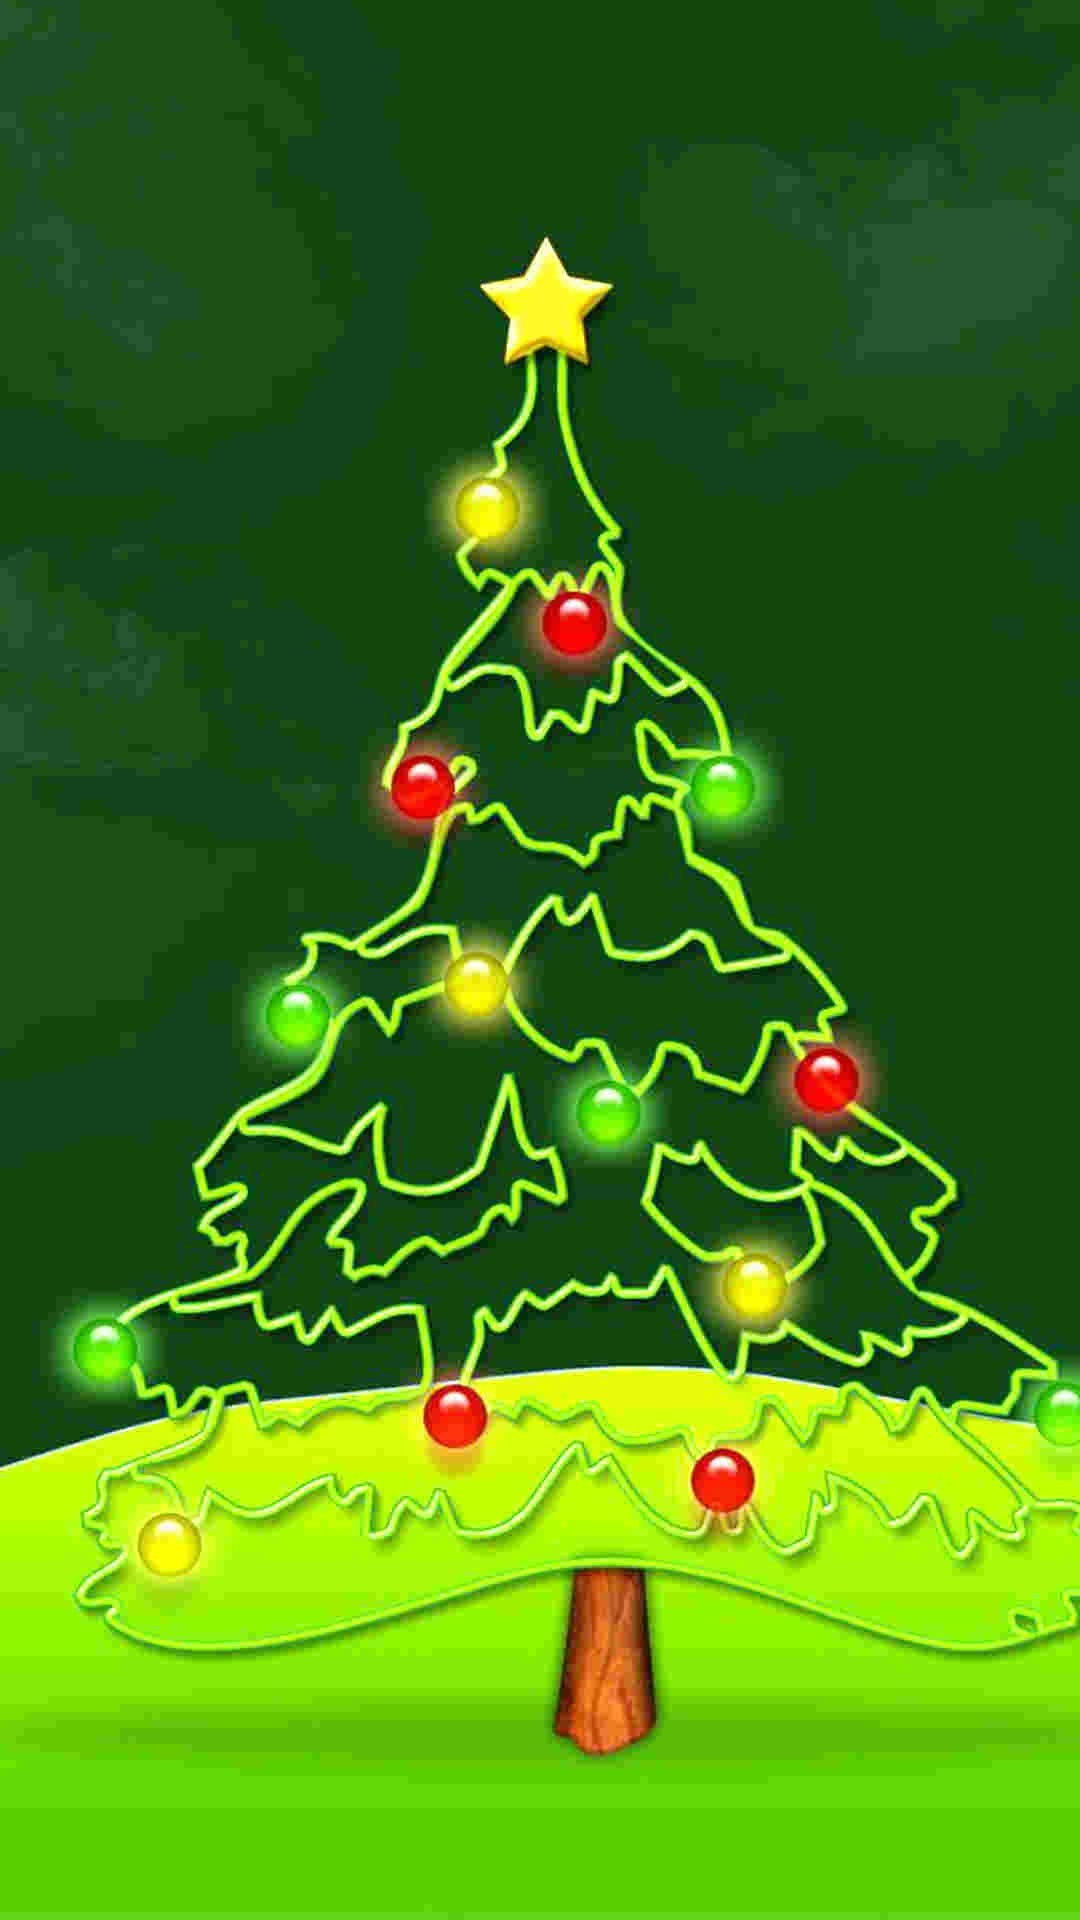 71 Christmas Lights Wallpapers And Screensavers